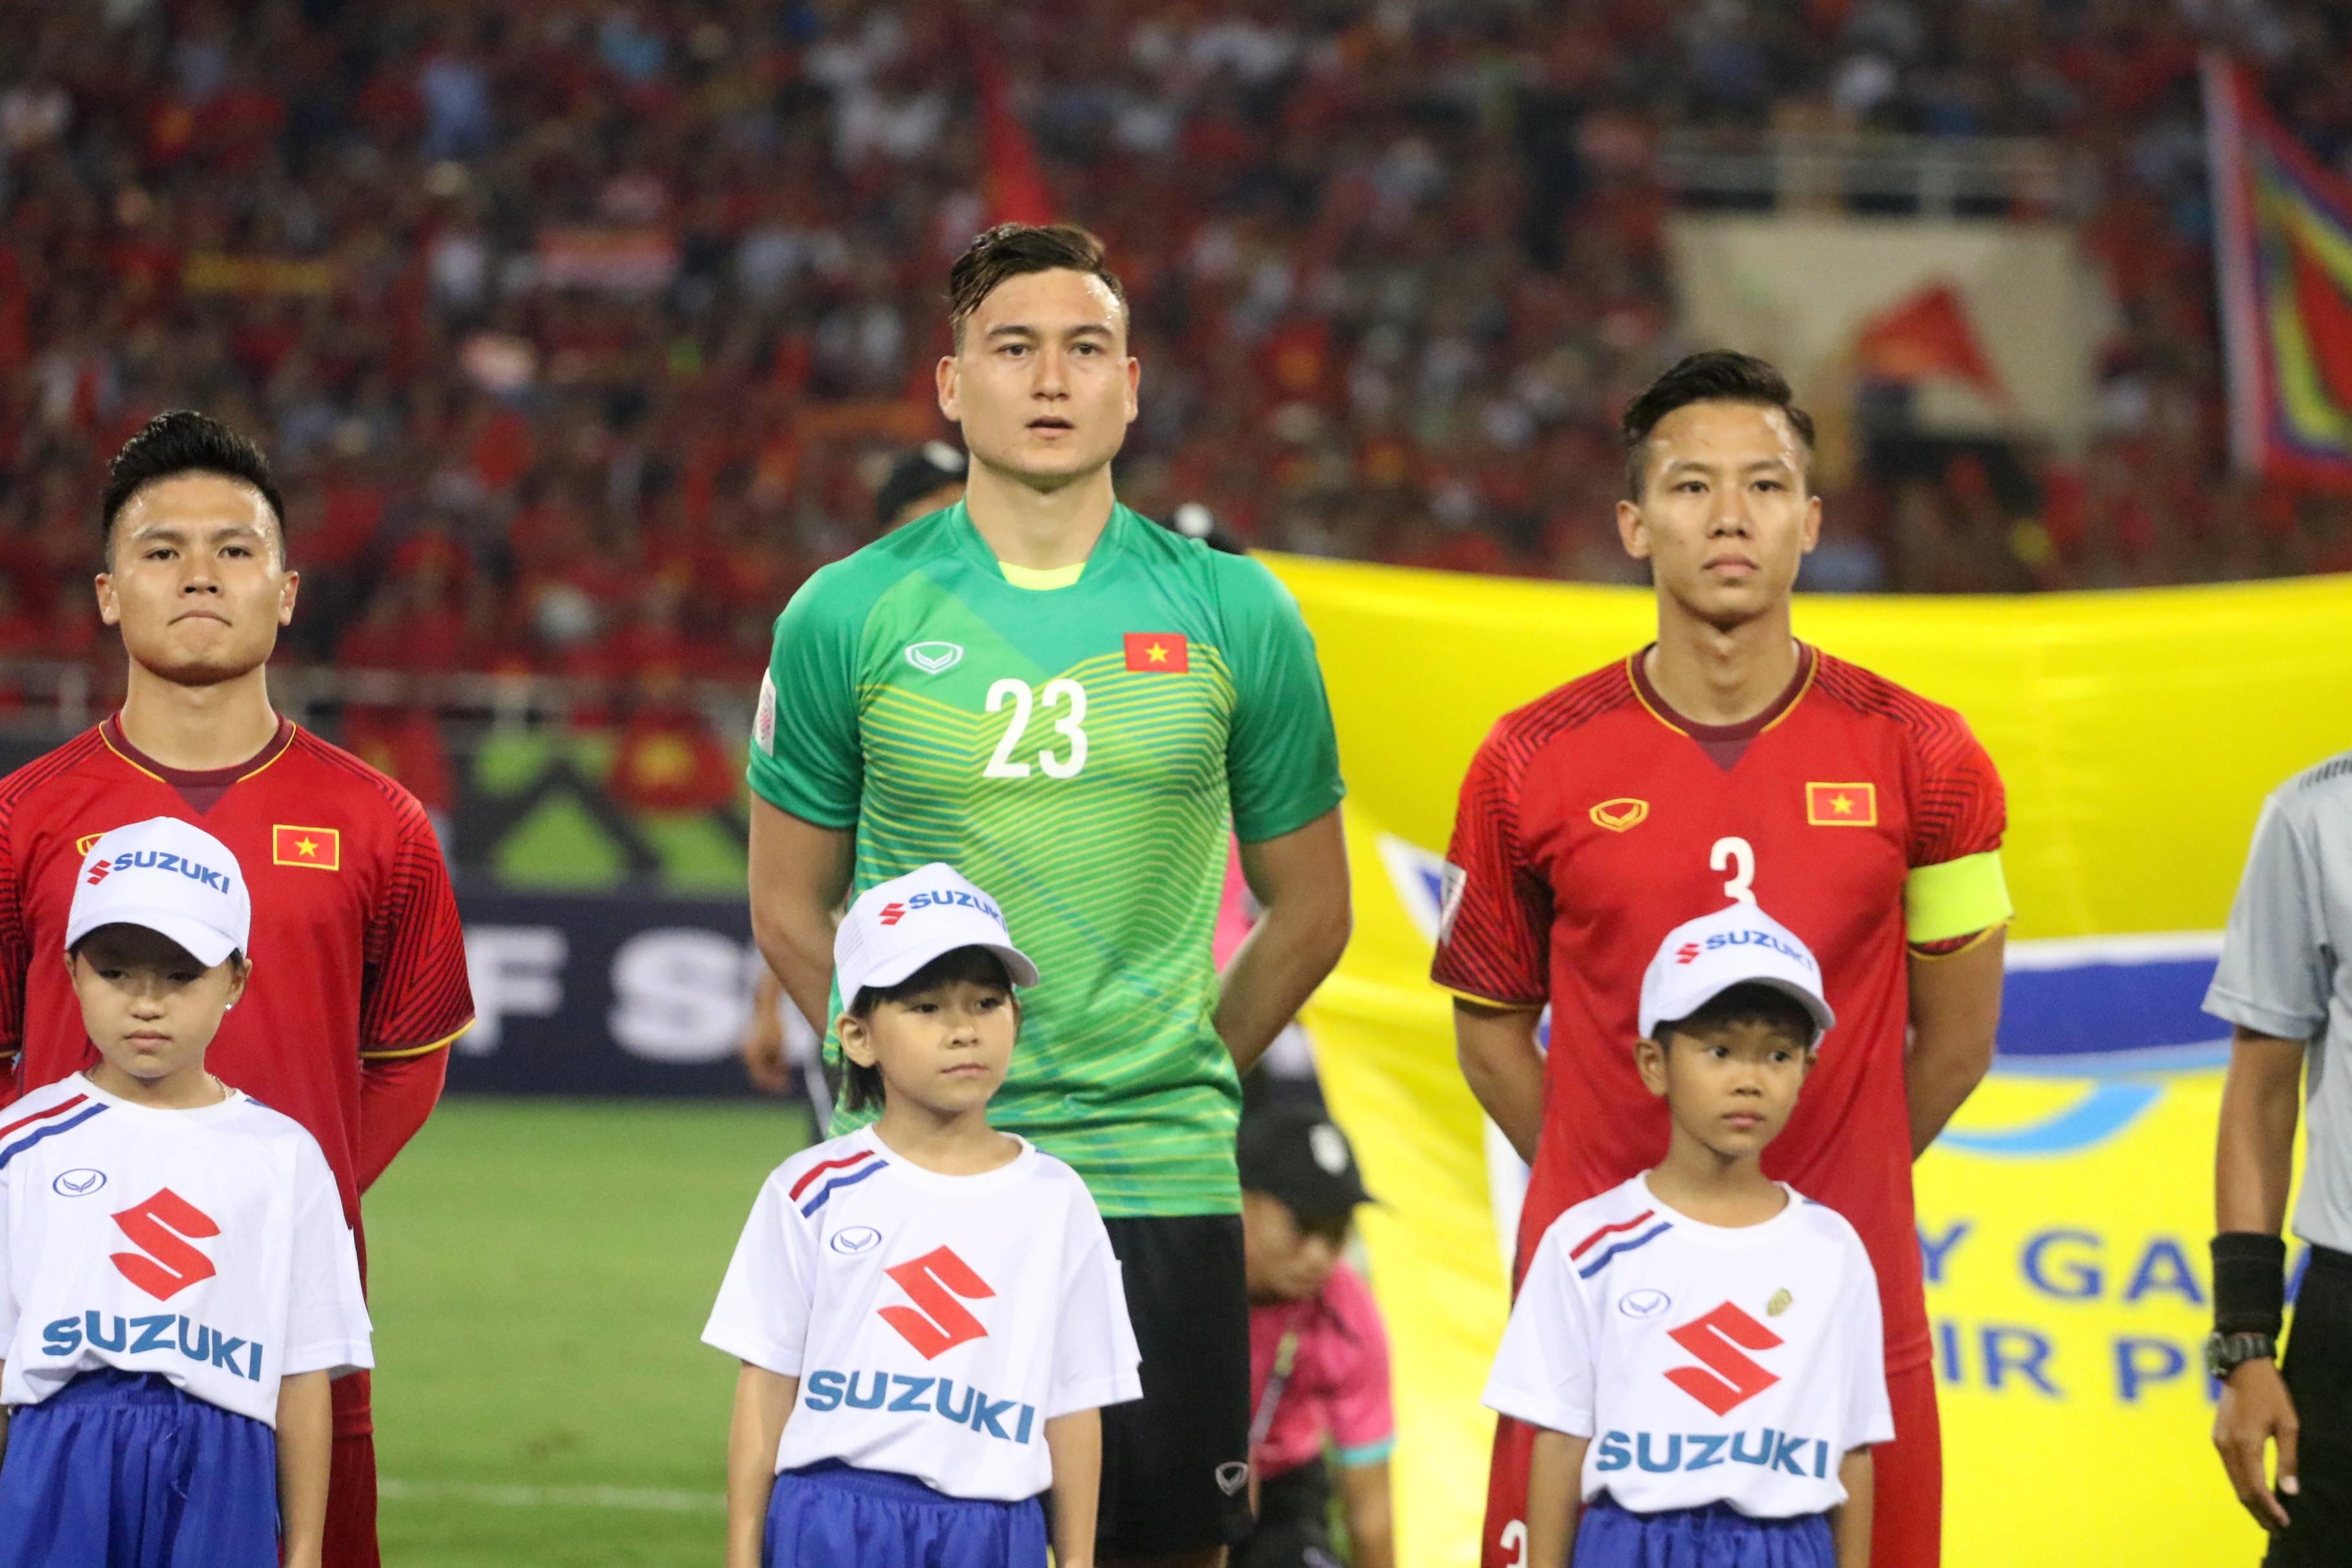 ดัง วาน ลัม: ทีมชาติเวียดนาม ยังปาร์ตี้ตอนนี้ไม่ได้